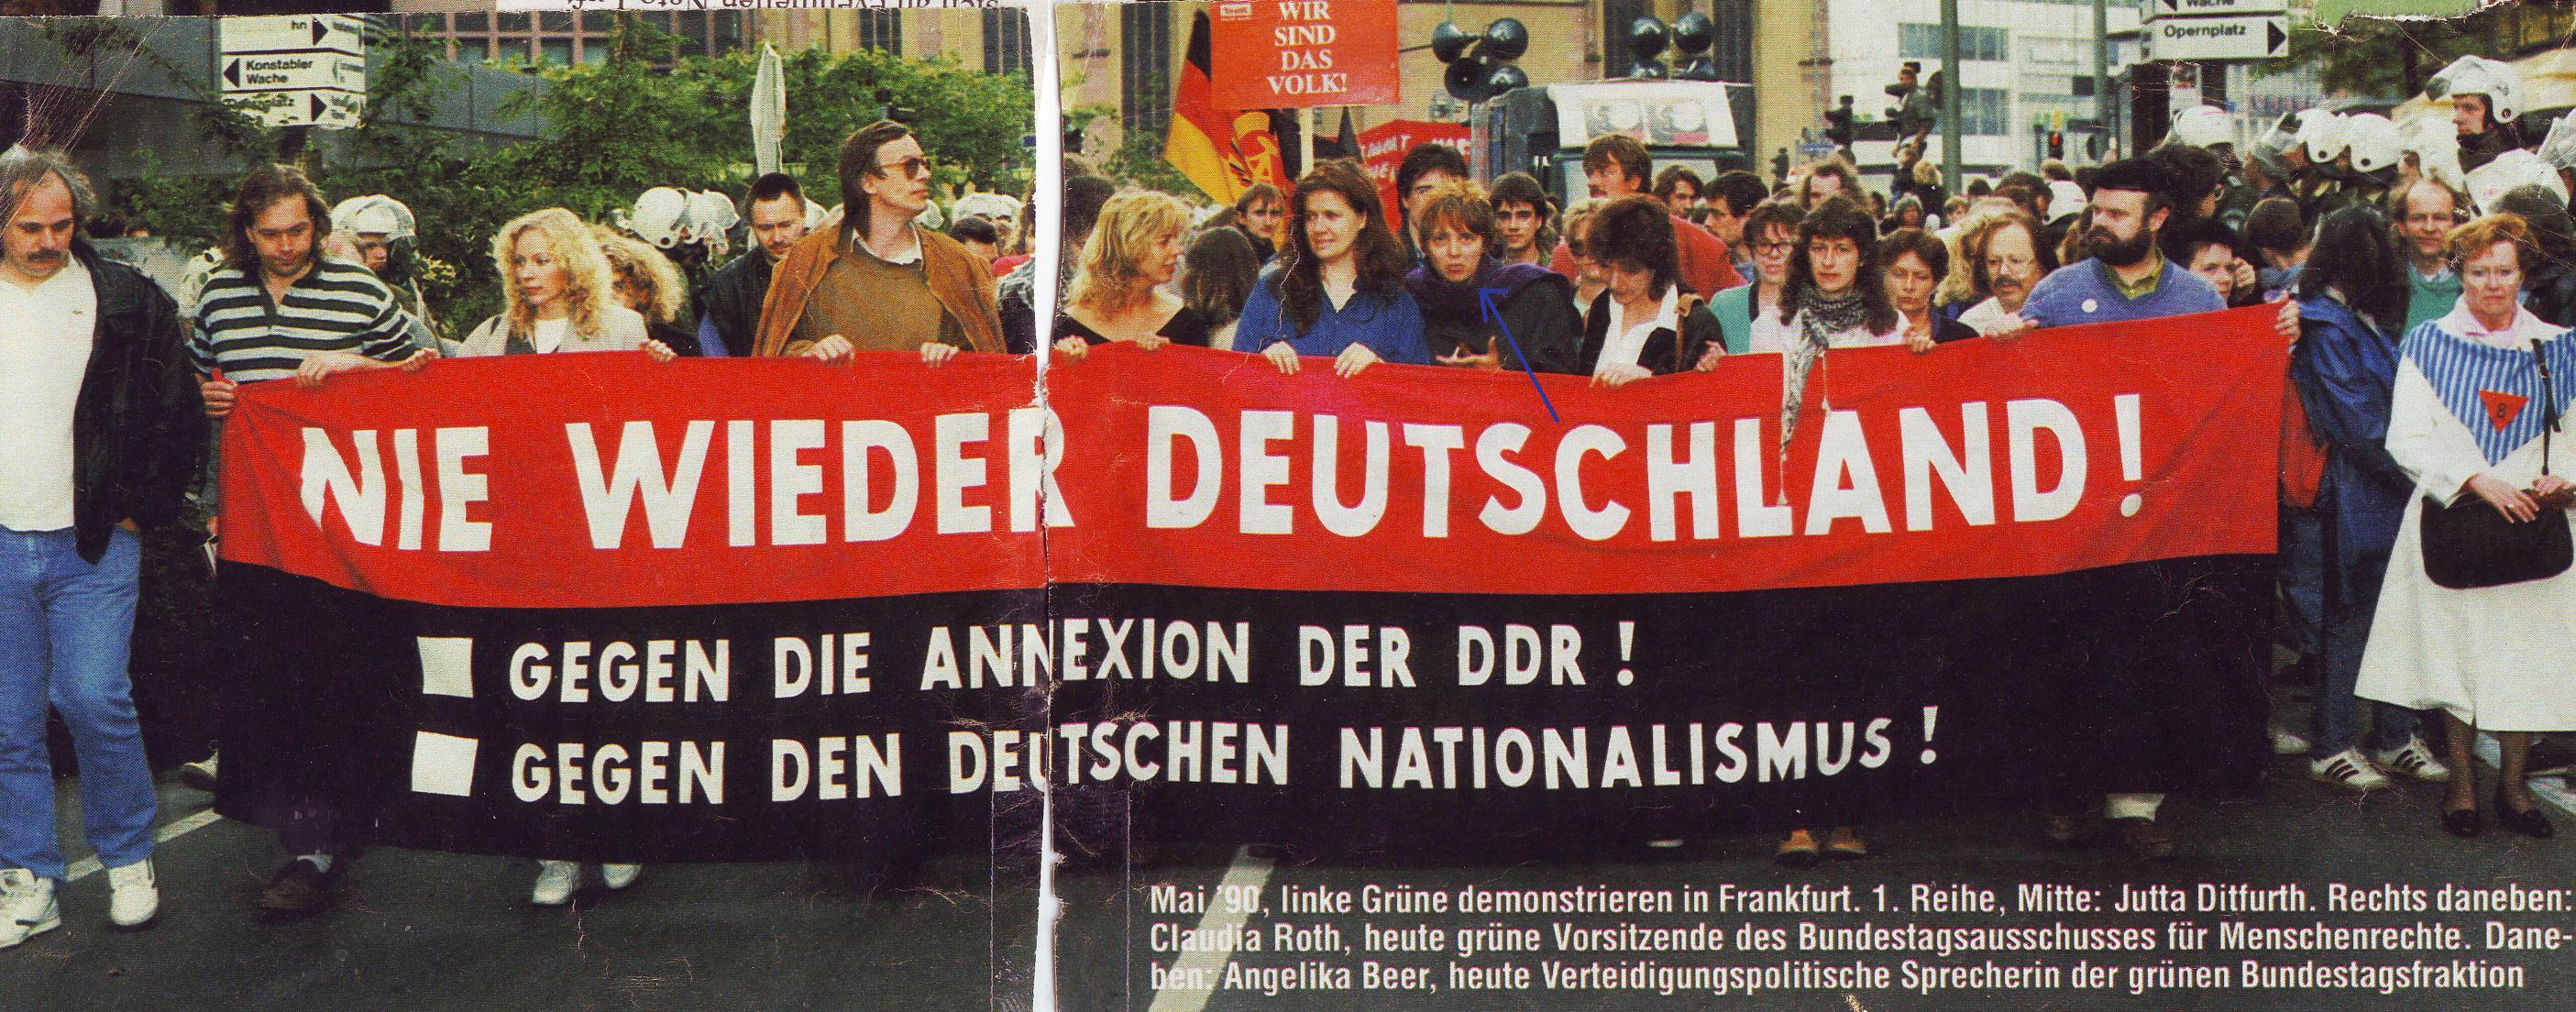 amerikaner wollten deutsche ausrotten